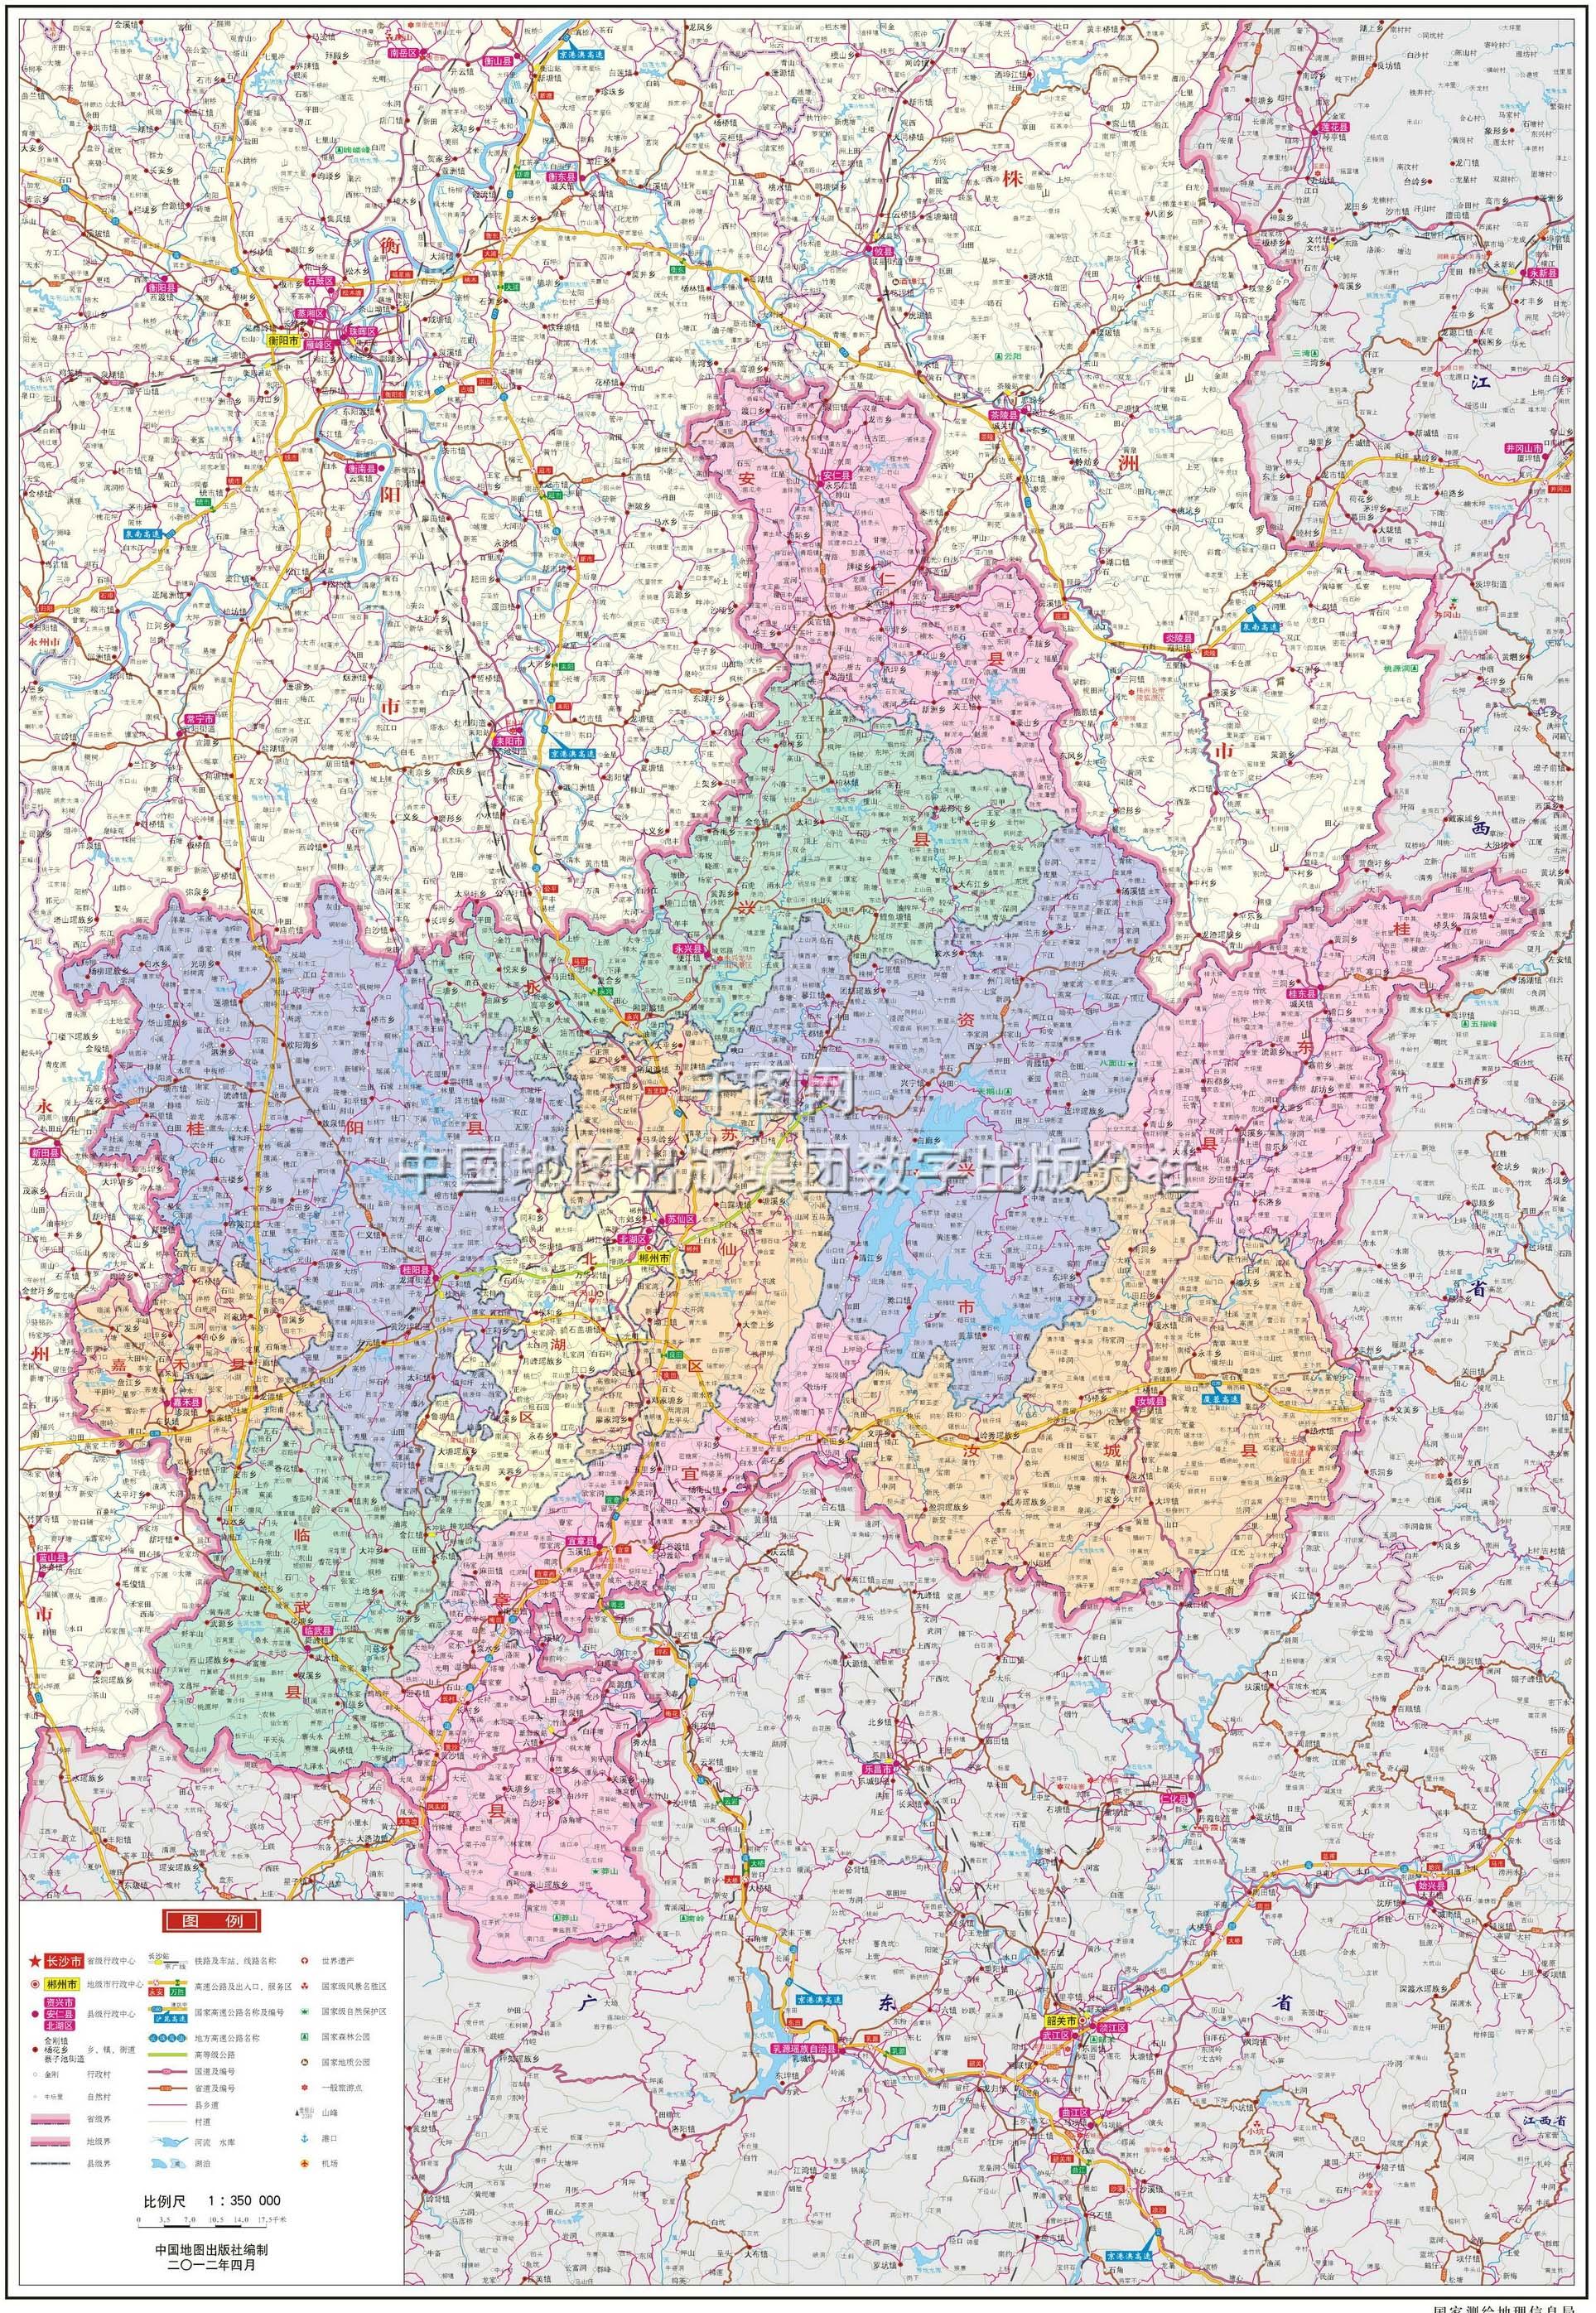 郴州市地图高清版